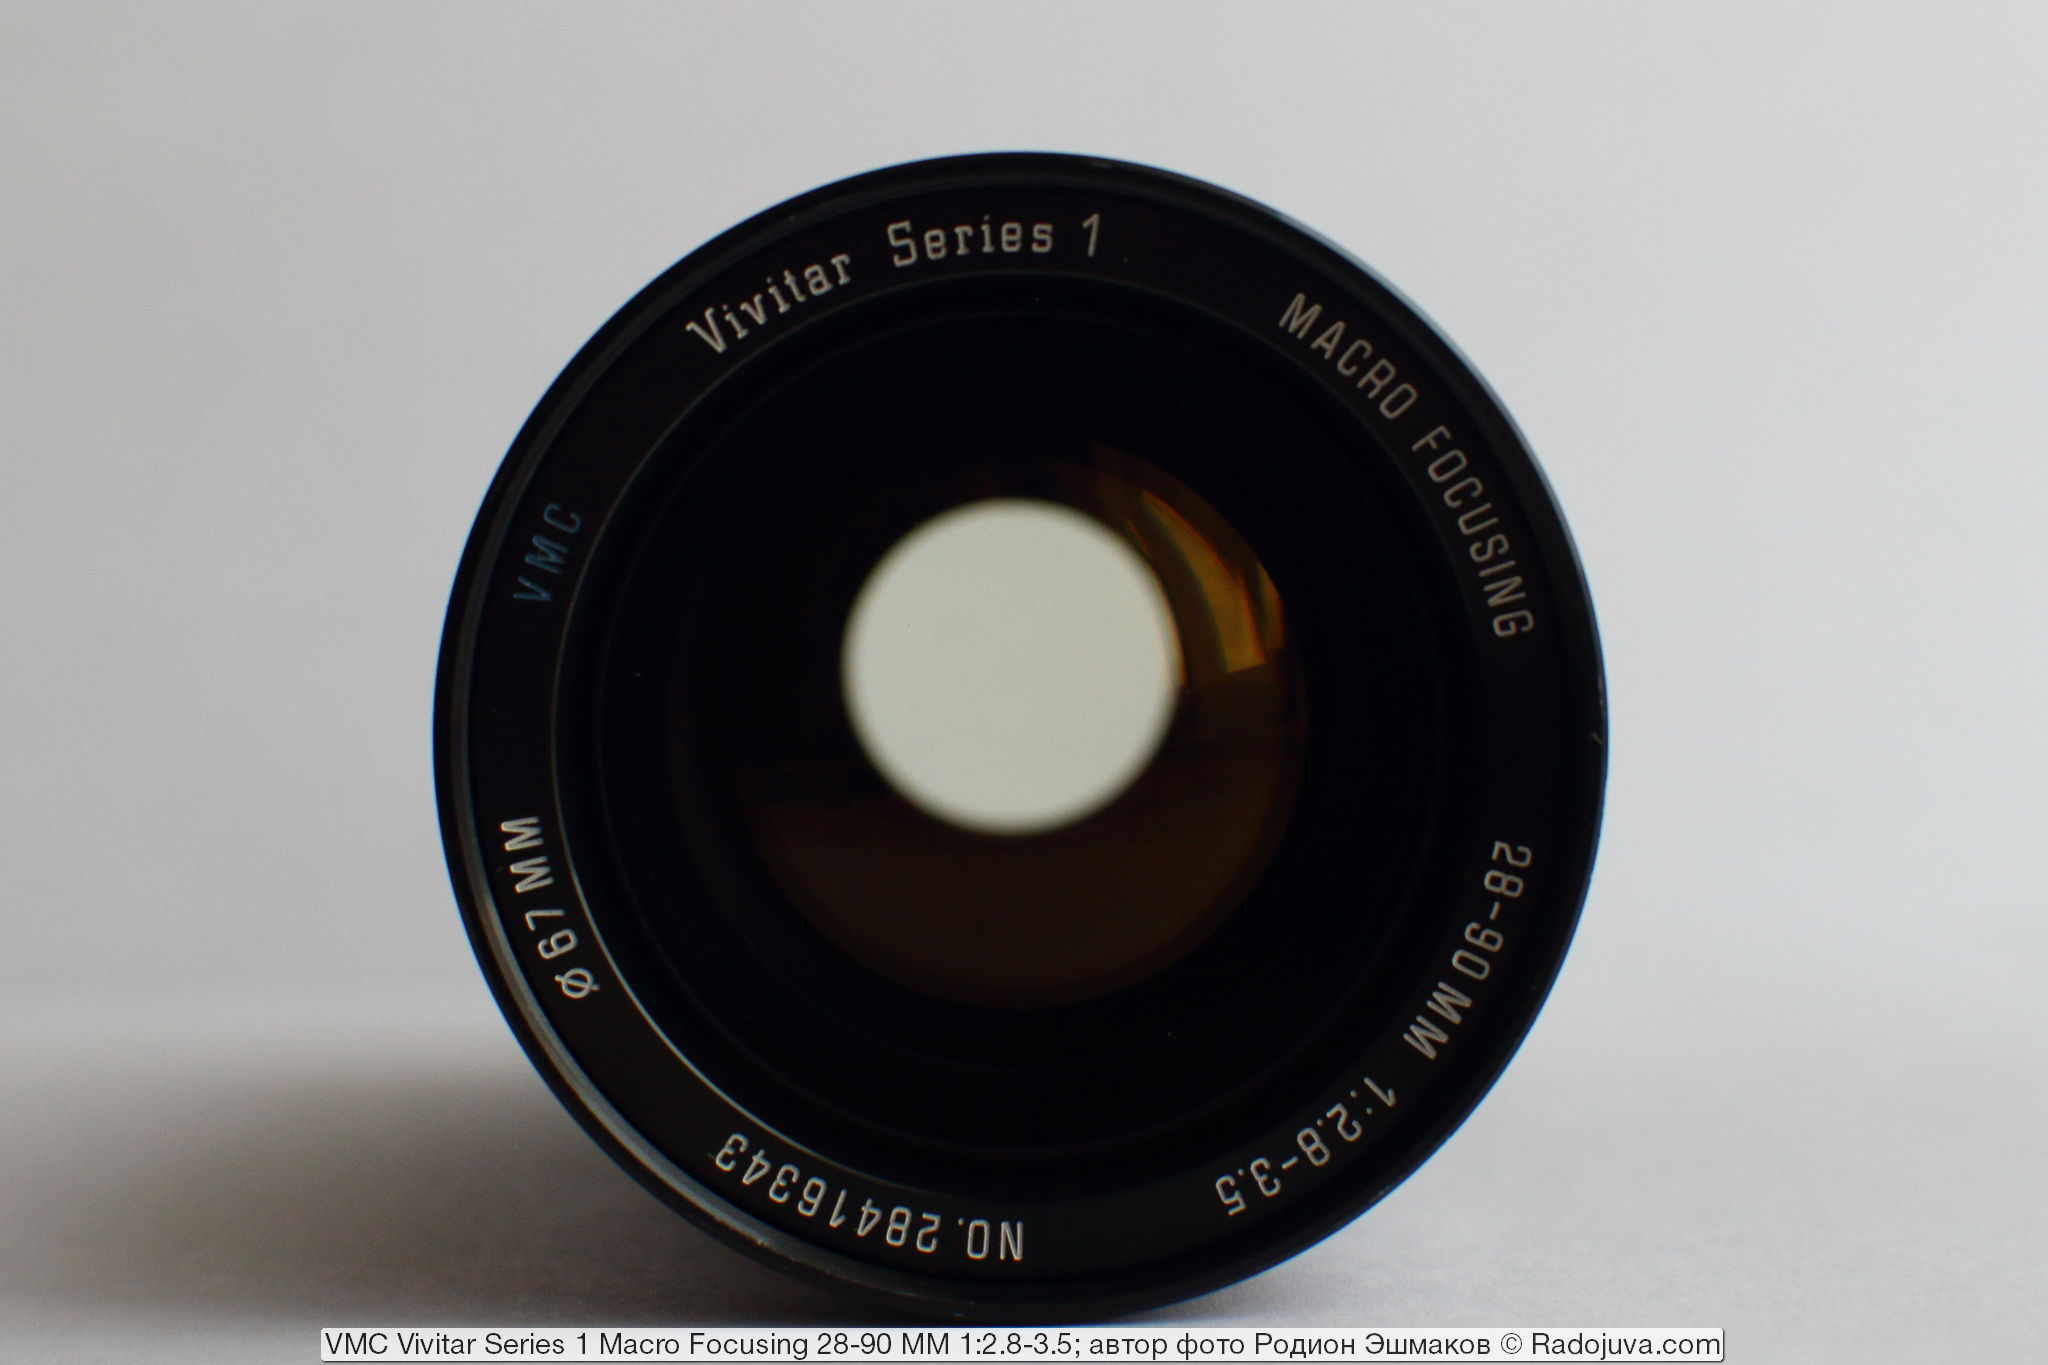 Вид на просвет со стороны передней линзы при ФР 90 мм и открытой диафрагме.